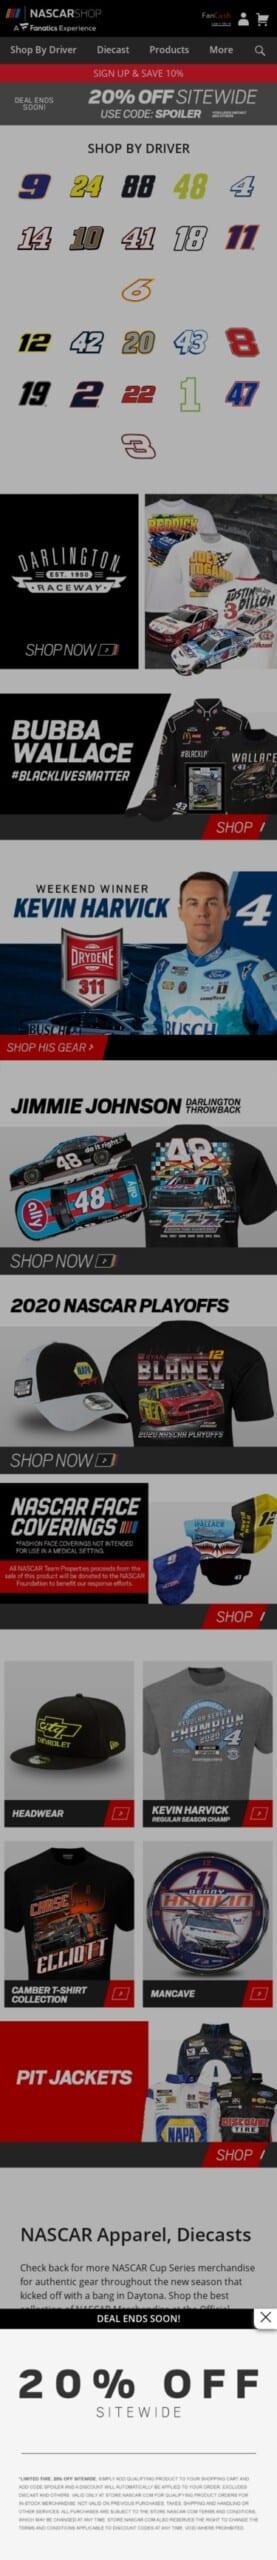 NASCAR.com Store Coupon